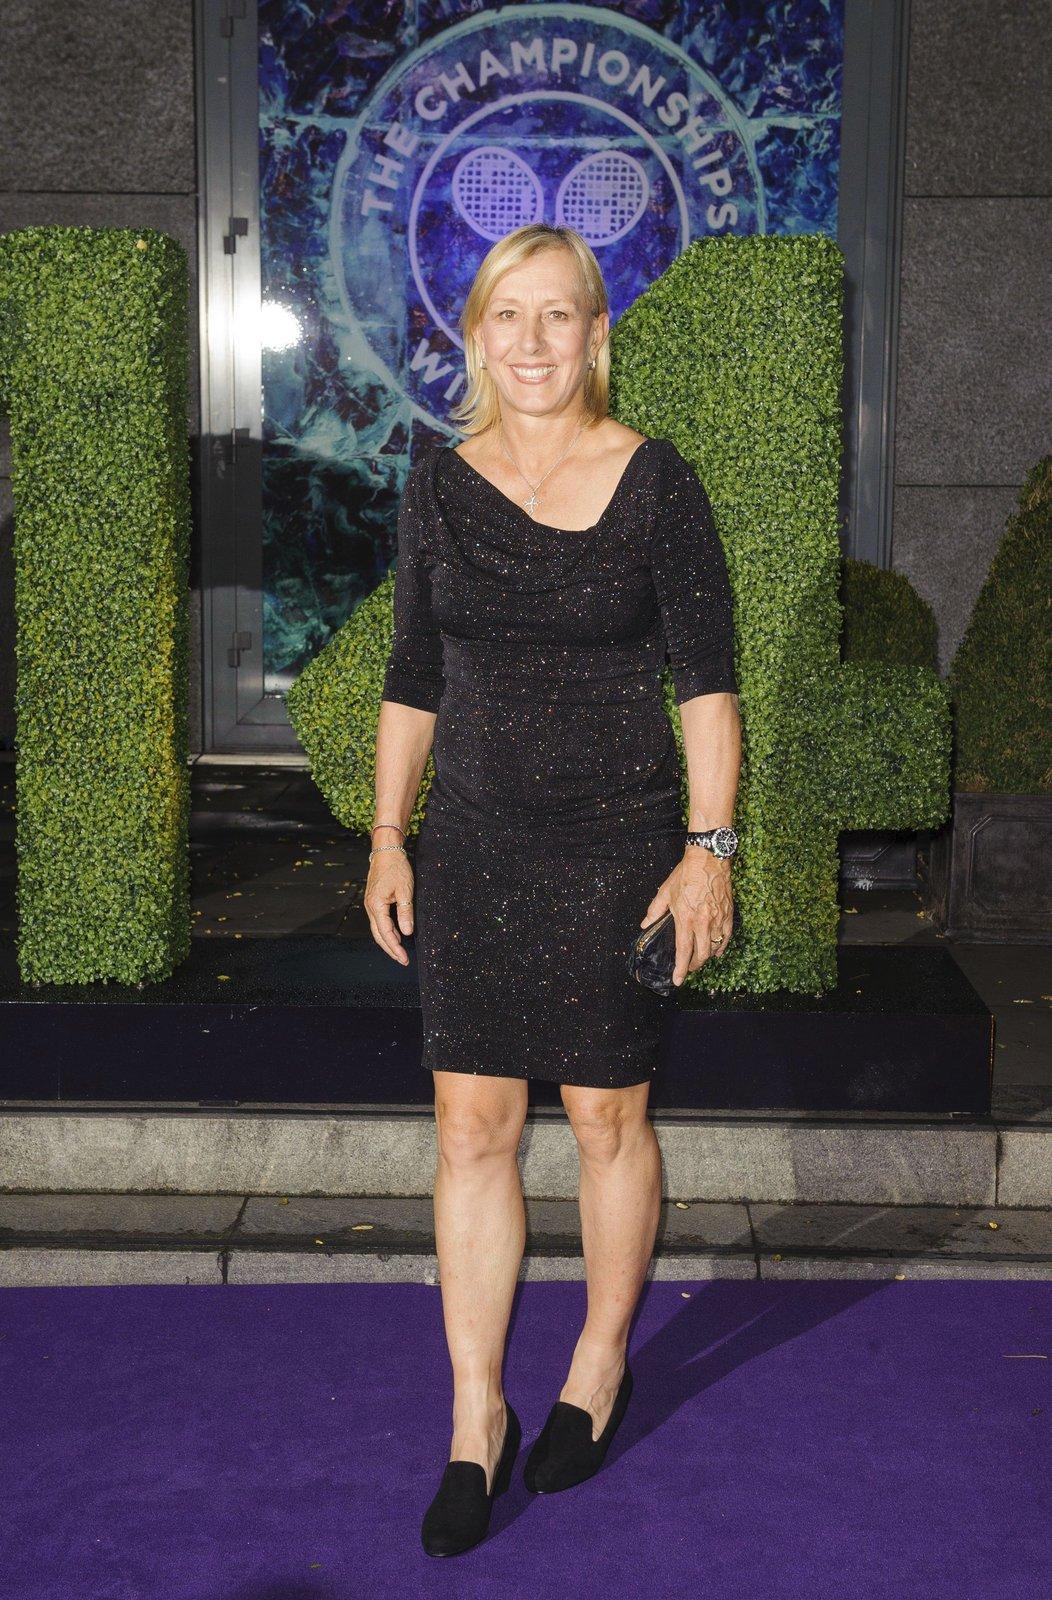 Martina Navrátilová na slavnostním banketu na závěr Wimbledonu